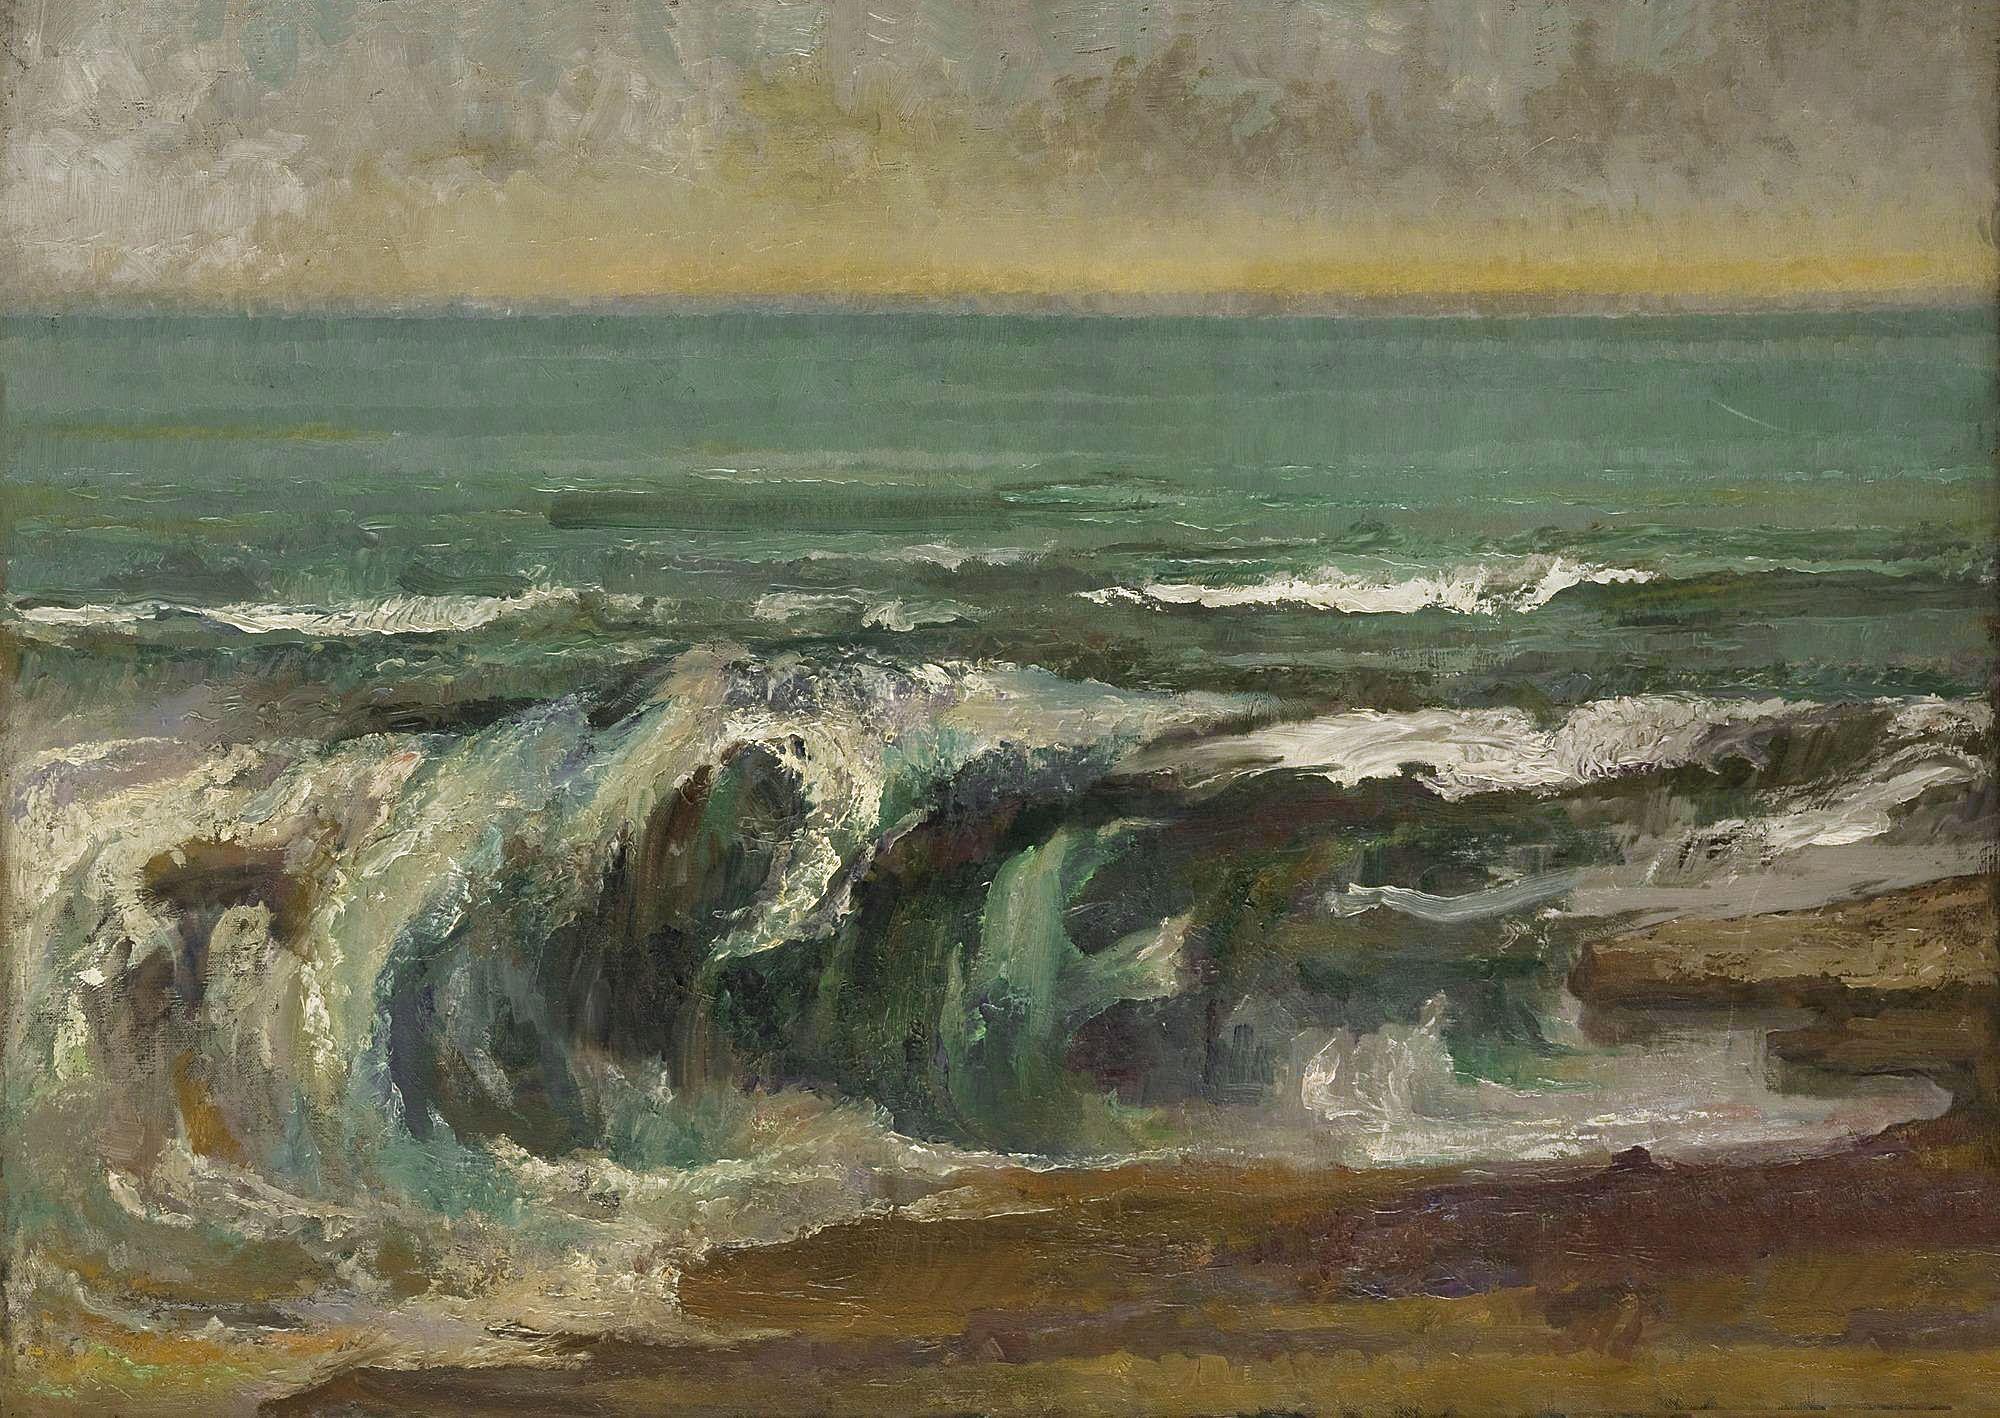 Марія Гіжберт-Студницька. Море, 1914; олія, полотно, NMK